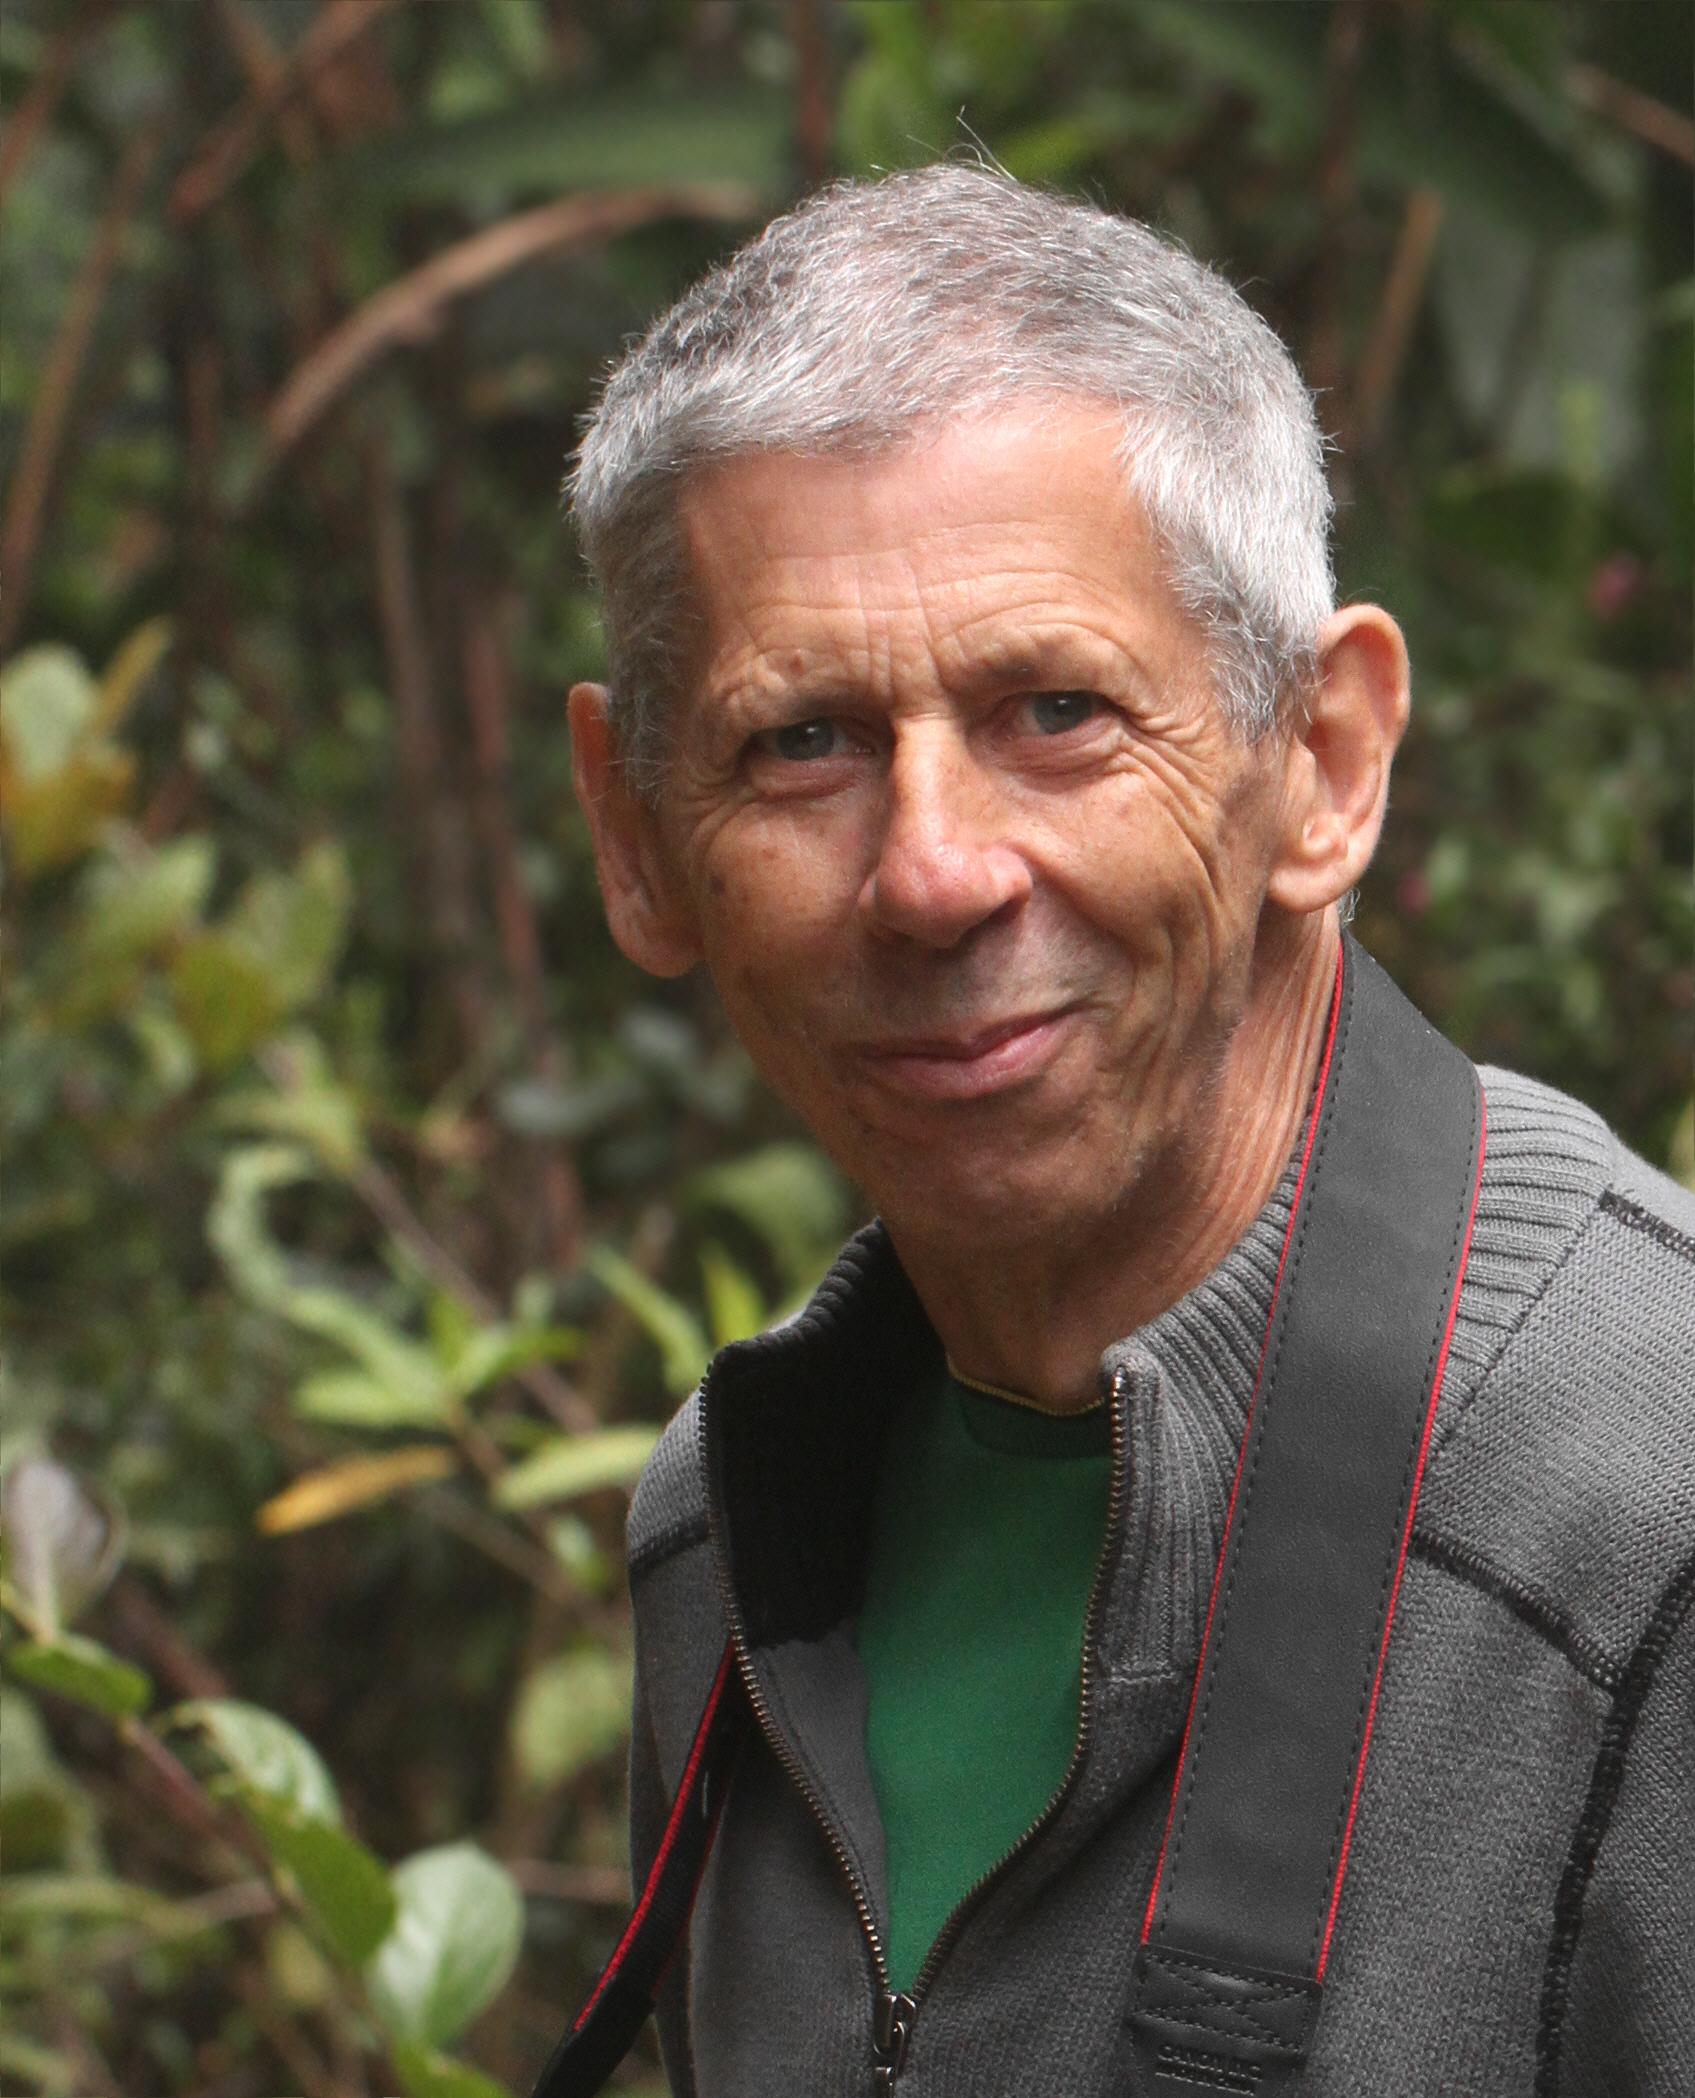 Adrian Hoskins, célèbre lépidoptériste anglais (Source : Adrian Hoskins)